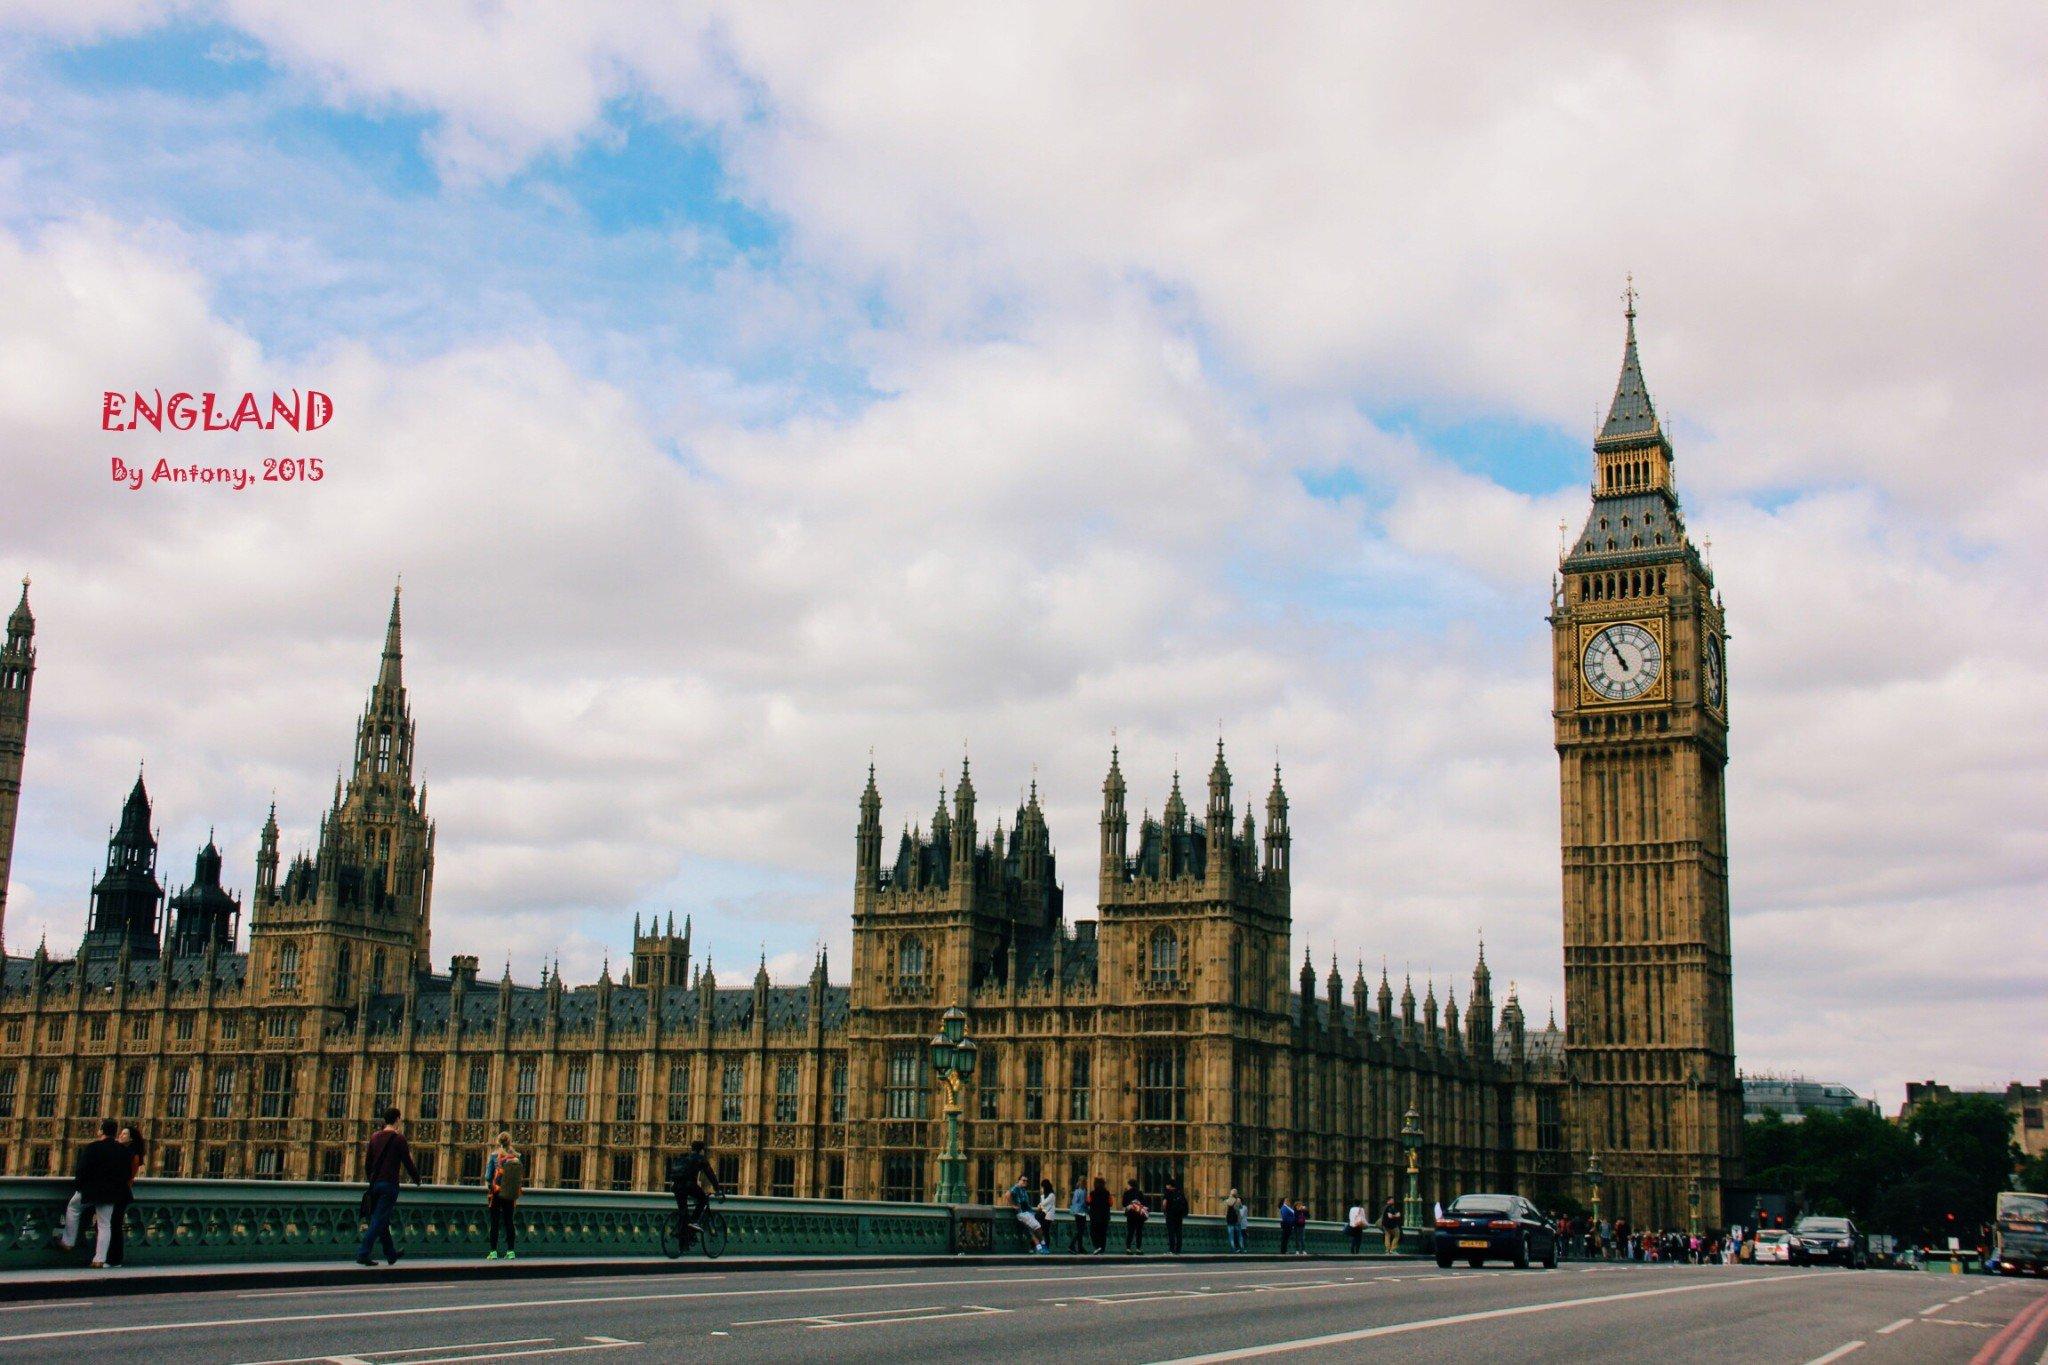 【英伦印记】体味英伦,七日漫游(伦敦、剑桥、牛津、布莱顿)